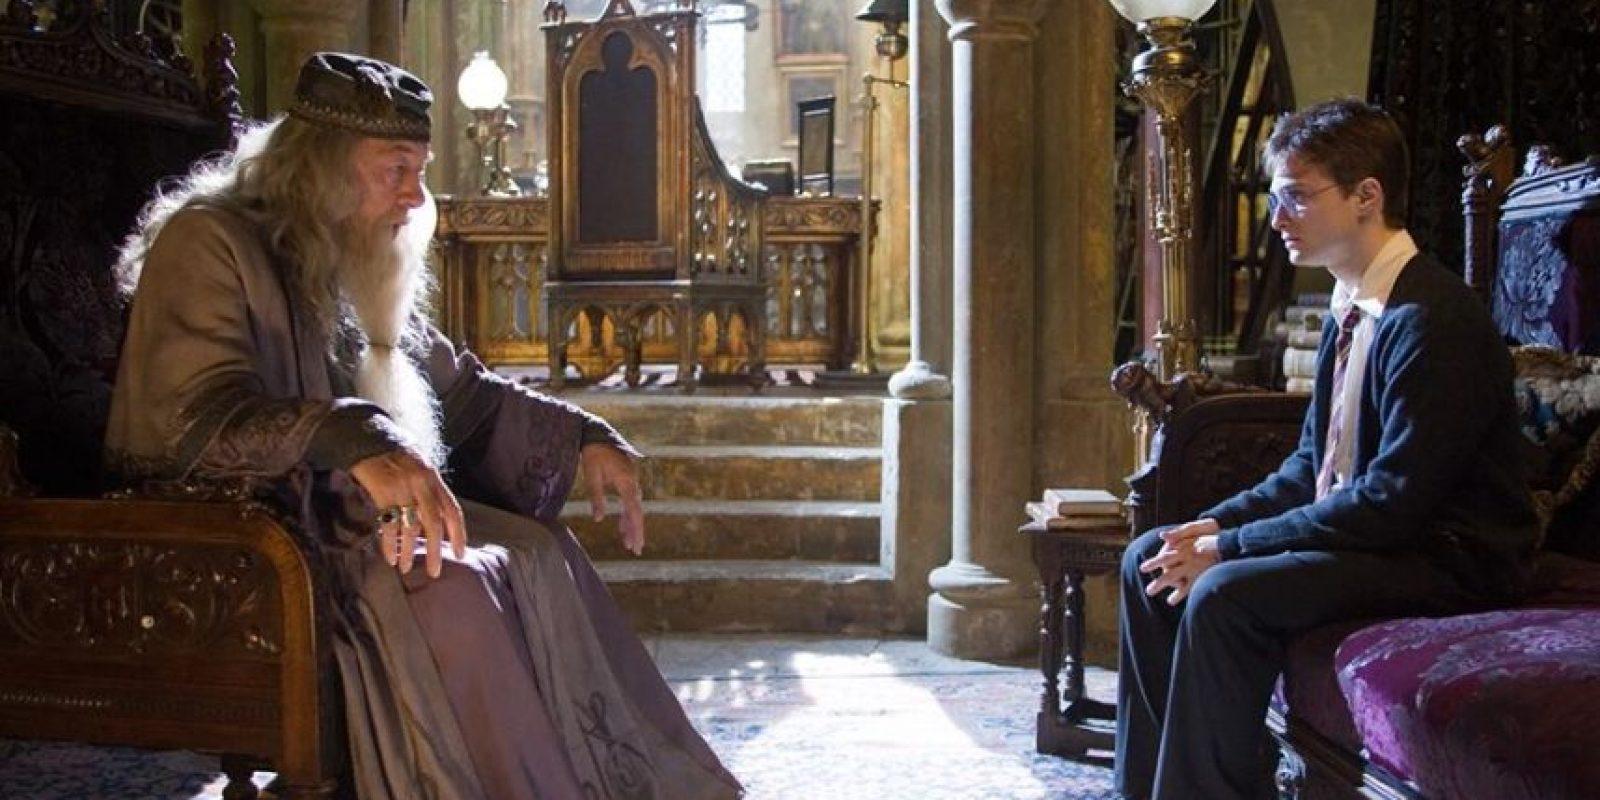 La historia de Dumbledore es muchísimo más oscura de lo que se ve en las películas: Su hermana, Ariana, quedó con su magia incontrolable. Esto mató a la madre, Kendra. Fuera de eso, en un duelo contra Gellert Grindelwald, la niña terminó muerta. Foto:vía facebook.com/HarryPotterUK